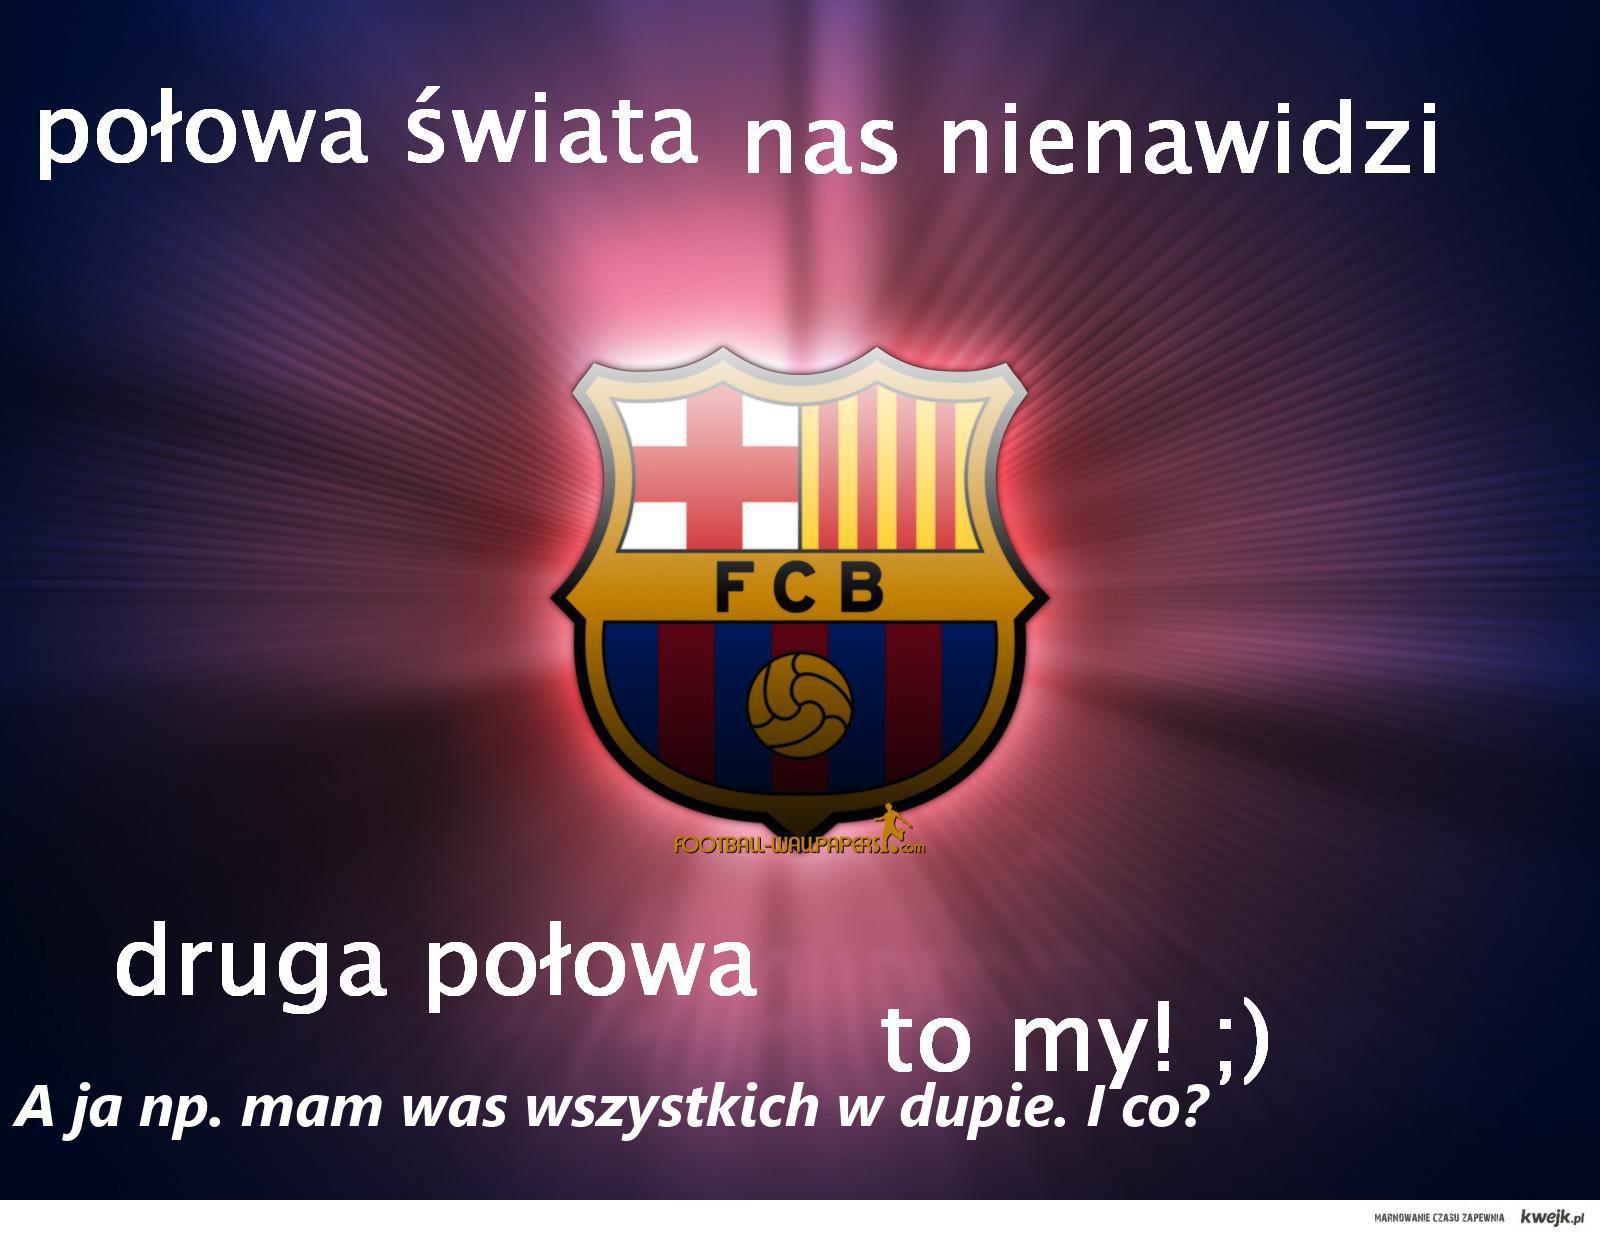 dwadadadwa